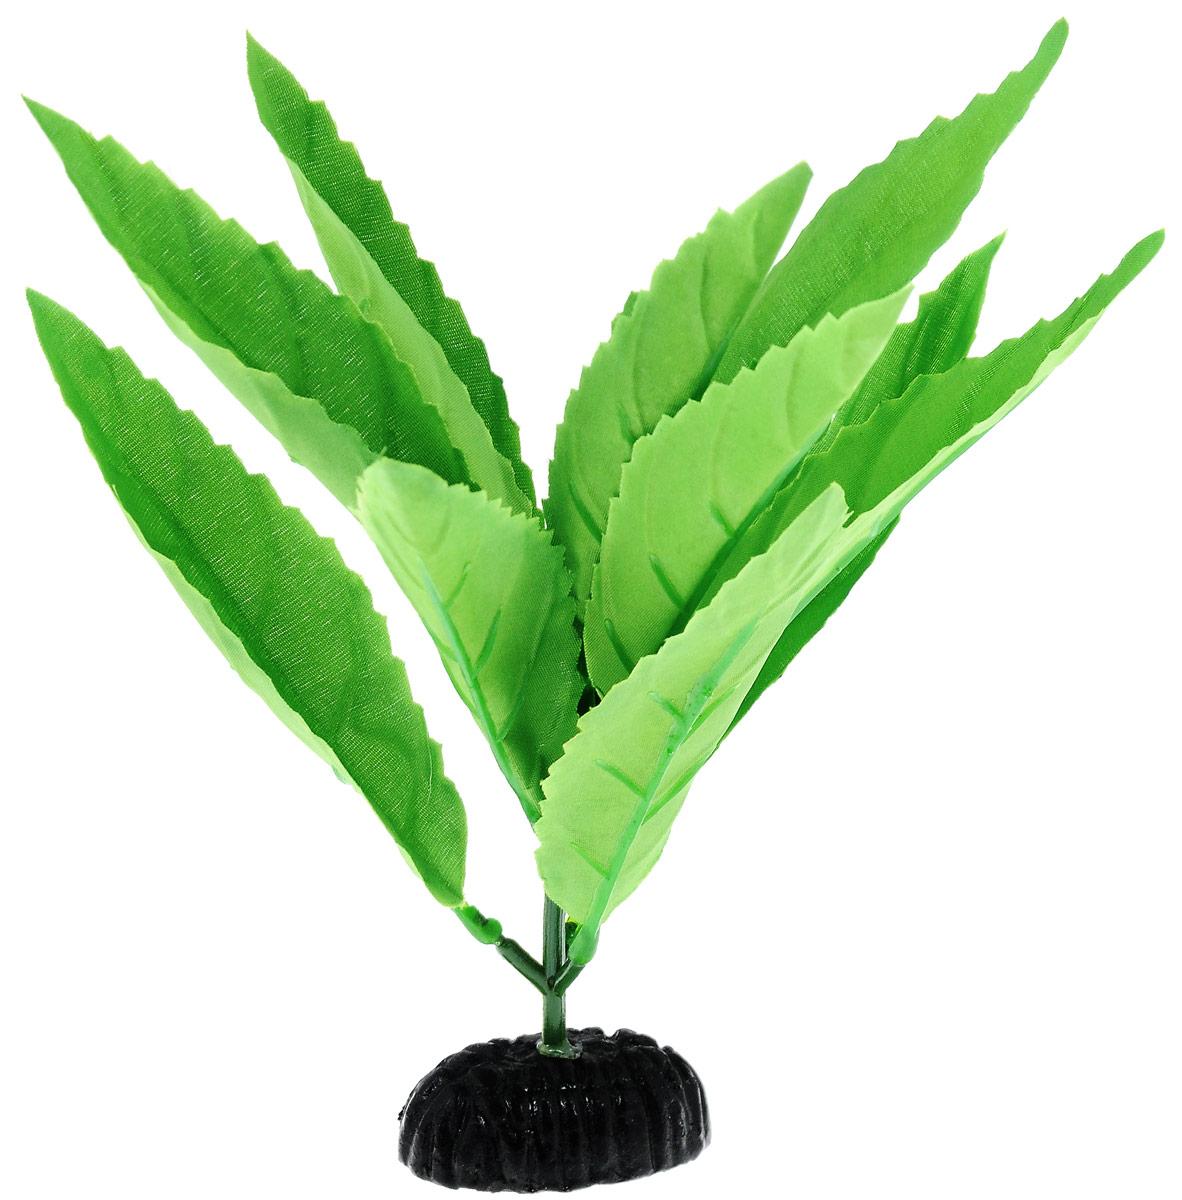 Растение для аквариума Barbus Гигрофила, шелковое, высота 20 смPlant 017/10Растение для аквариума Barbus Гигрофила, выполненное из высококачественного нетоксичного пластика и шелка, станет прекрасным украшением вашего аквариума. Шелковое растение идеально подходит для дизайна всех видов аквариумов. В воде происходит абсолютная имитация живых растений. Изделие не требует дополнительного ухода и просто в применении.Растение абсолютно безопасно, нейтрально к водному балансу, устойчиво к истиранию краски, подходит как для пресноводного, так и для морского аквариума. Растение для аквариума Barbus Гигрофила поможет вам смоделировать потрясающий пейзаж на дне вашего аквариума или террариума.